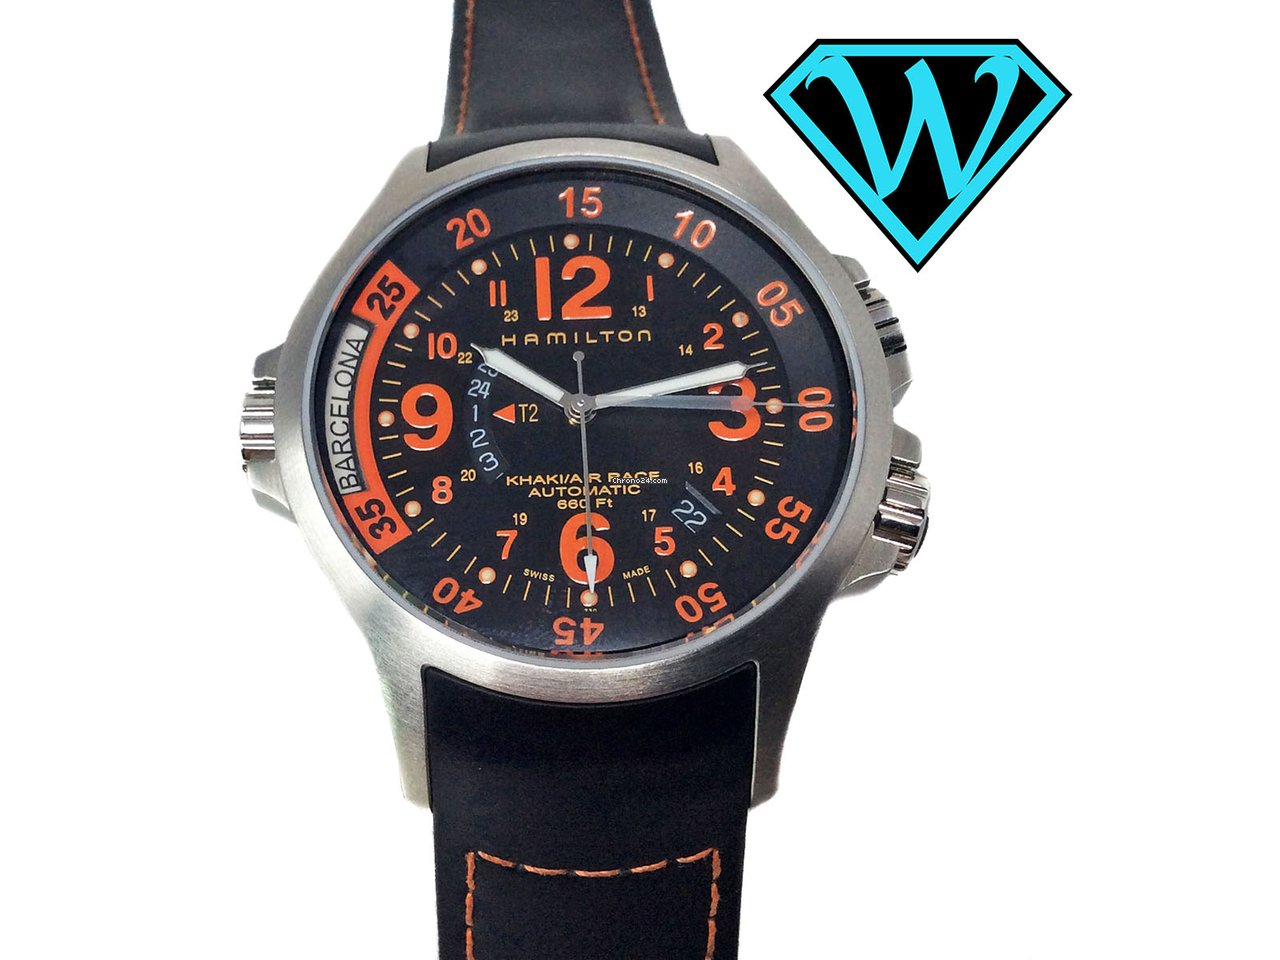 281f756ec944 Relojes Hamilton de segunda mano - Compare el precio de los relojes Hamilton